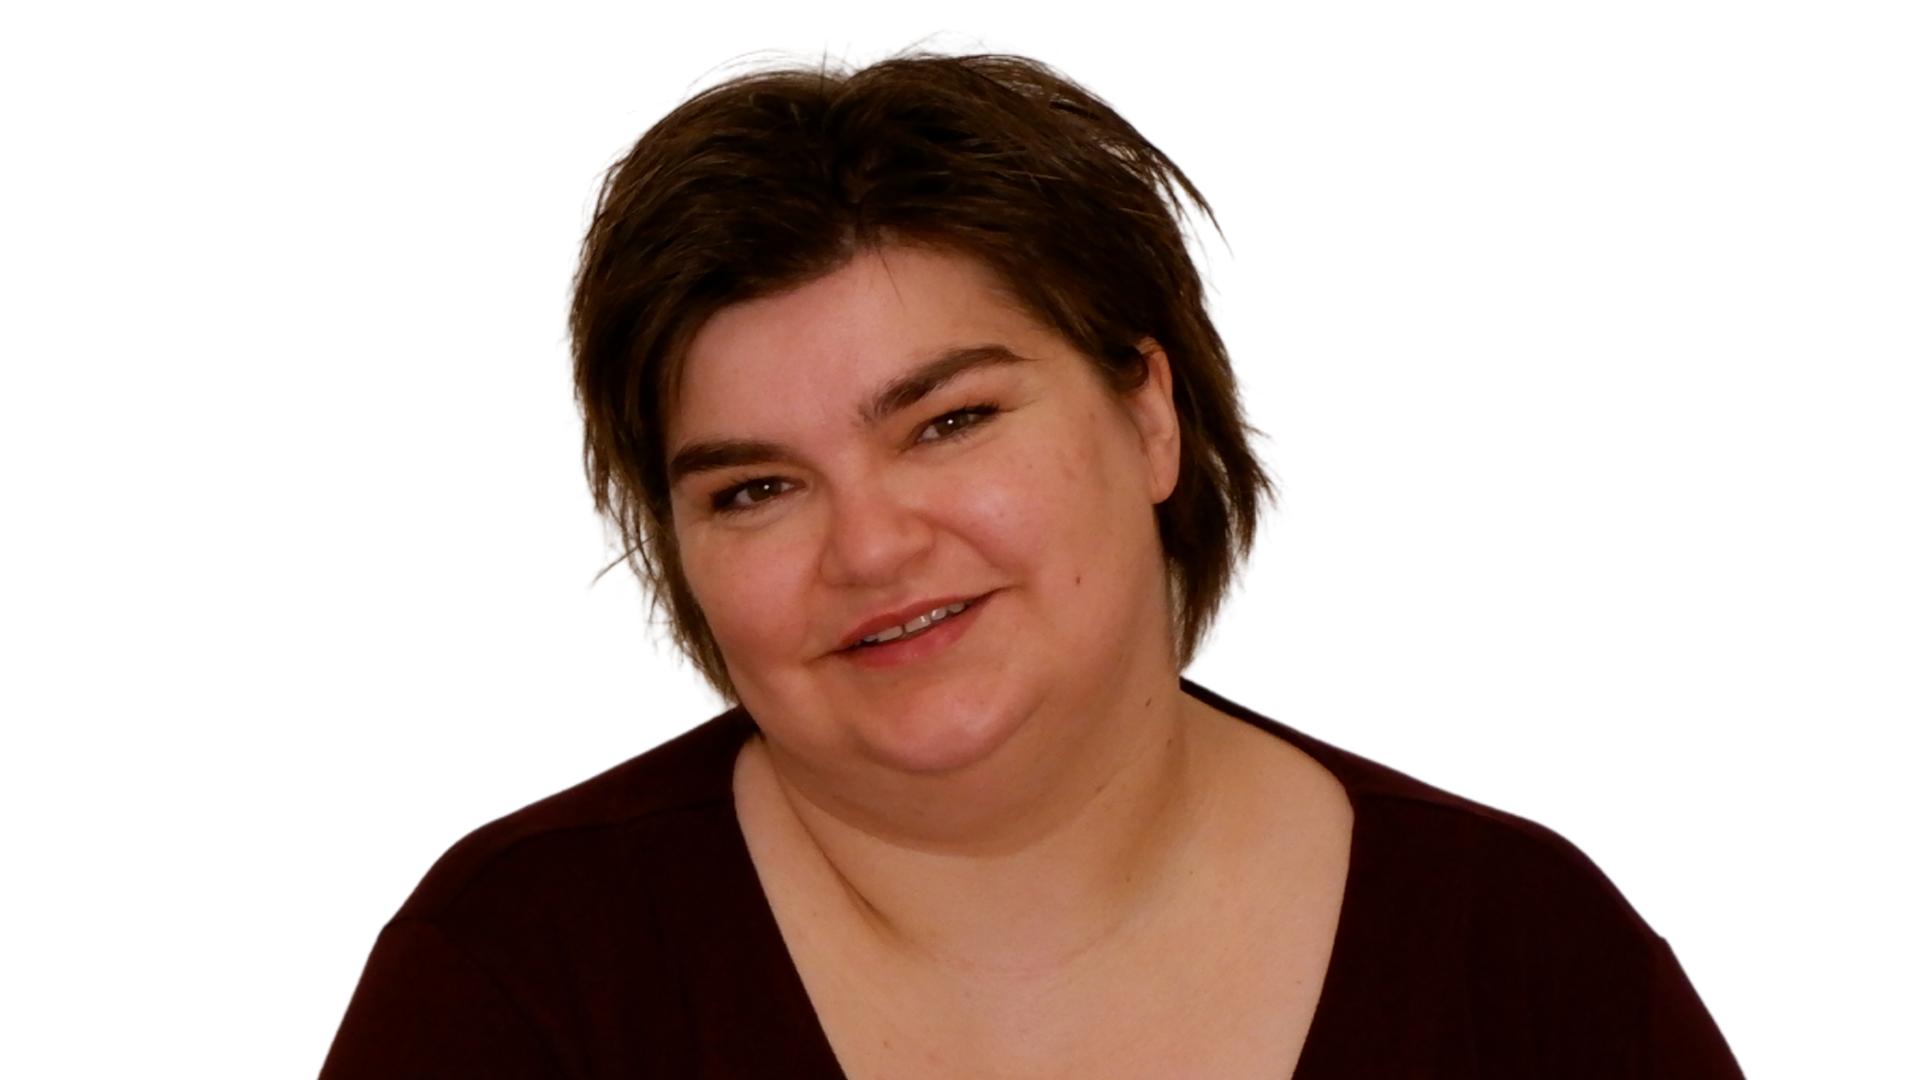 Bettina Luther behandelt auf ungwöhnlihce Weise Kopfschmerzen